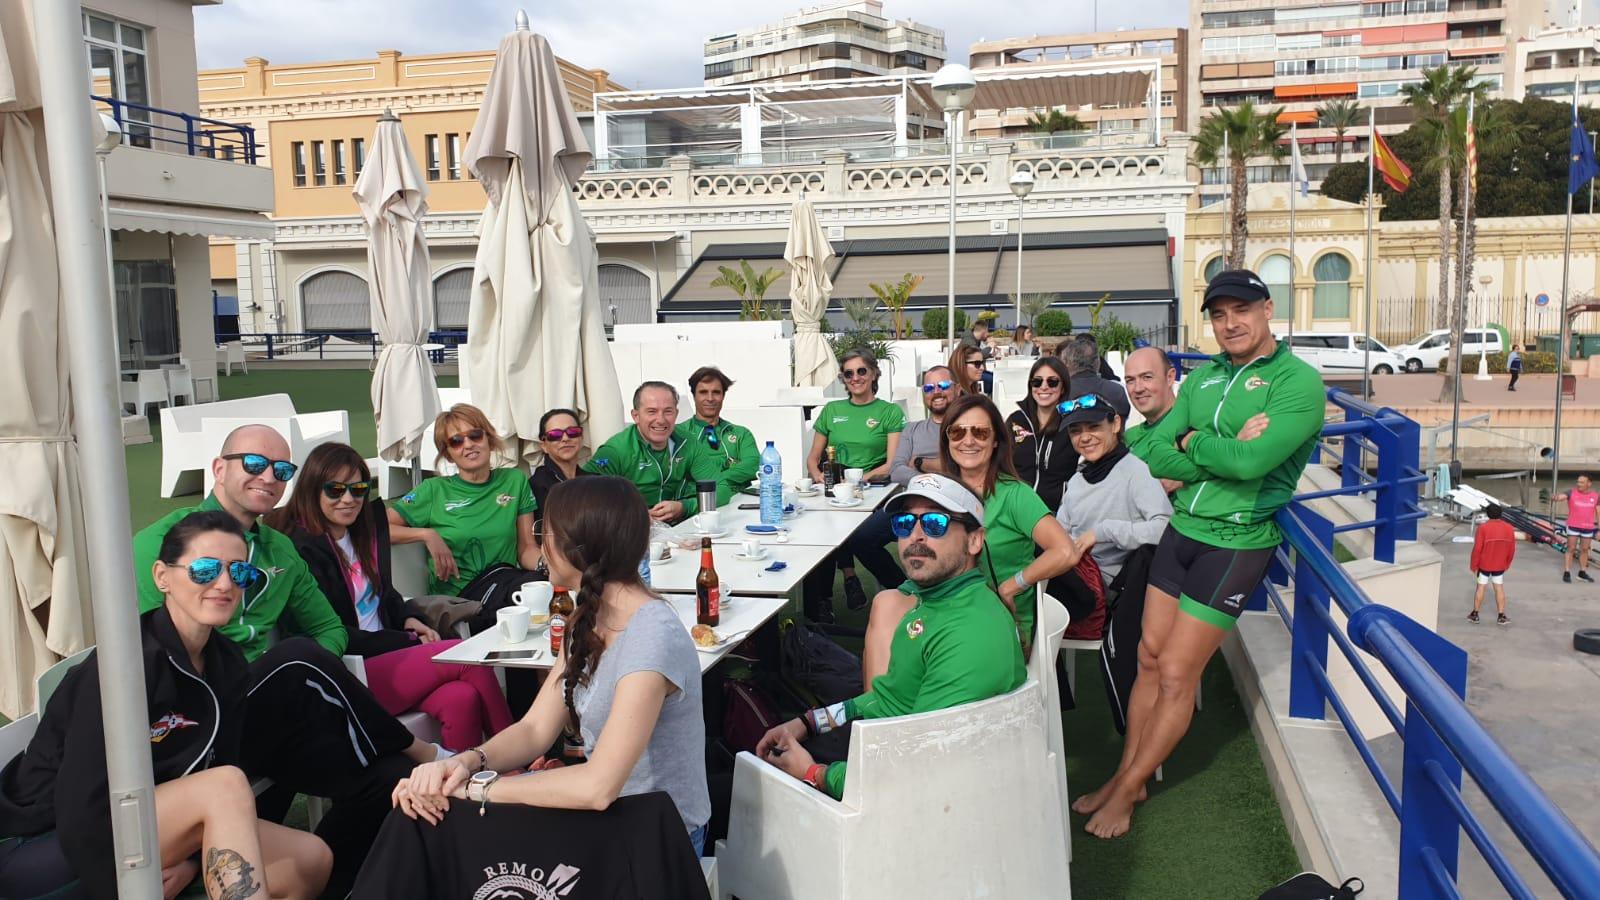 VII Regata Liga SUMA Alicante